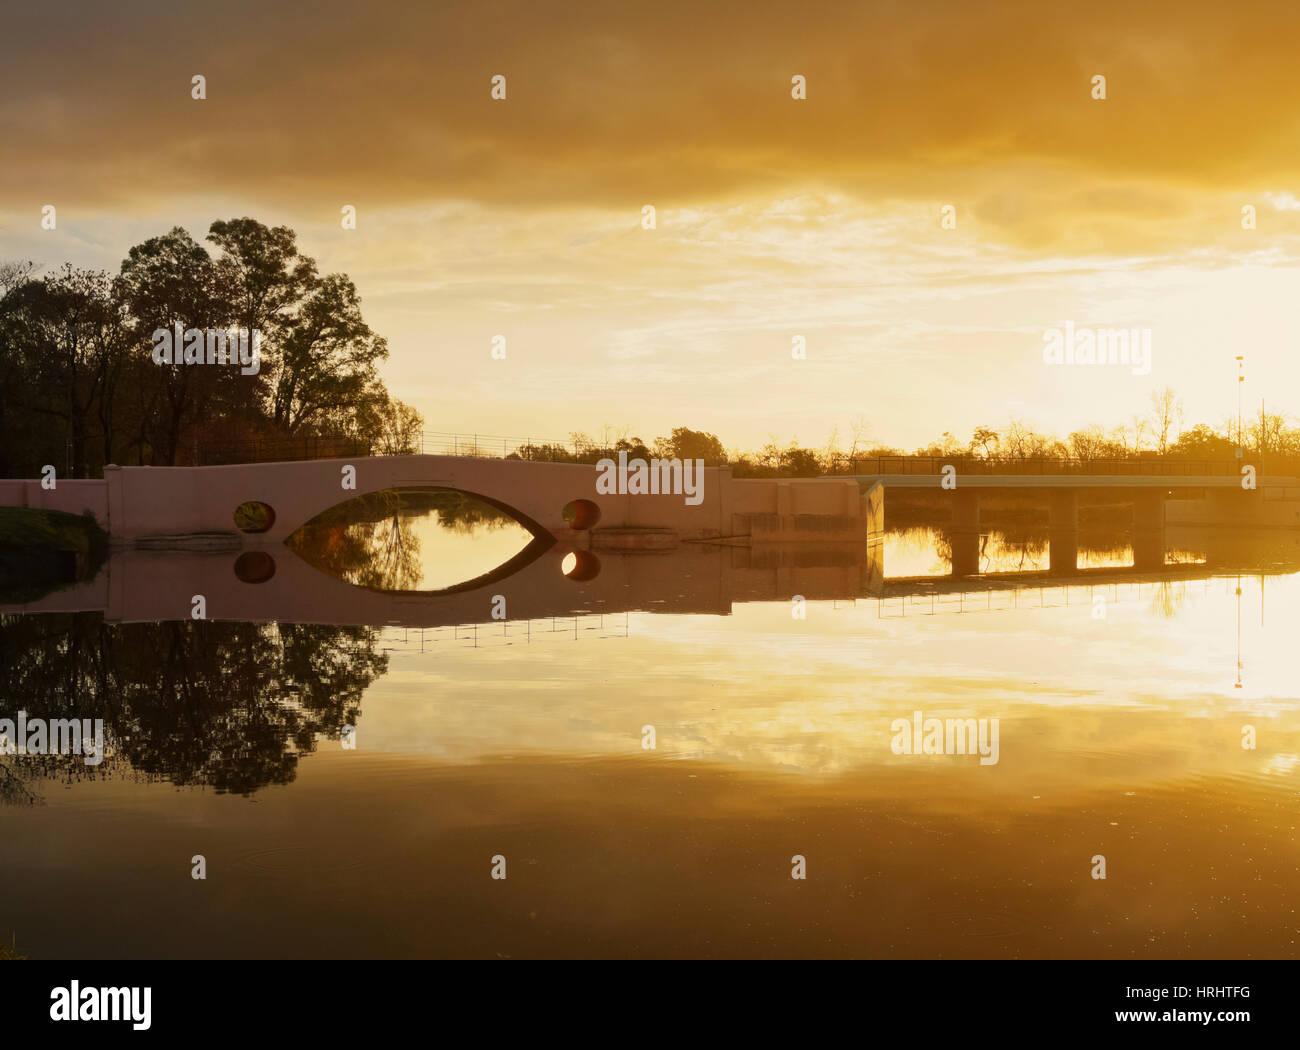 Ansicht des Flusses Areco und die alte Brücke bei Sonnenuntergang, San Antonio de Areco, Provinz Buenos Aires, Argentinien Stockfoto